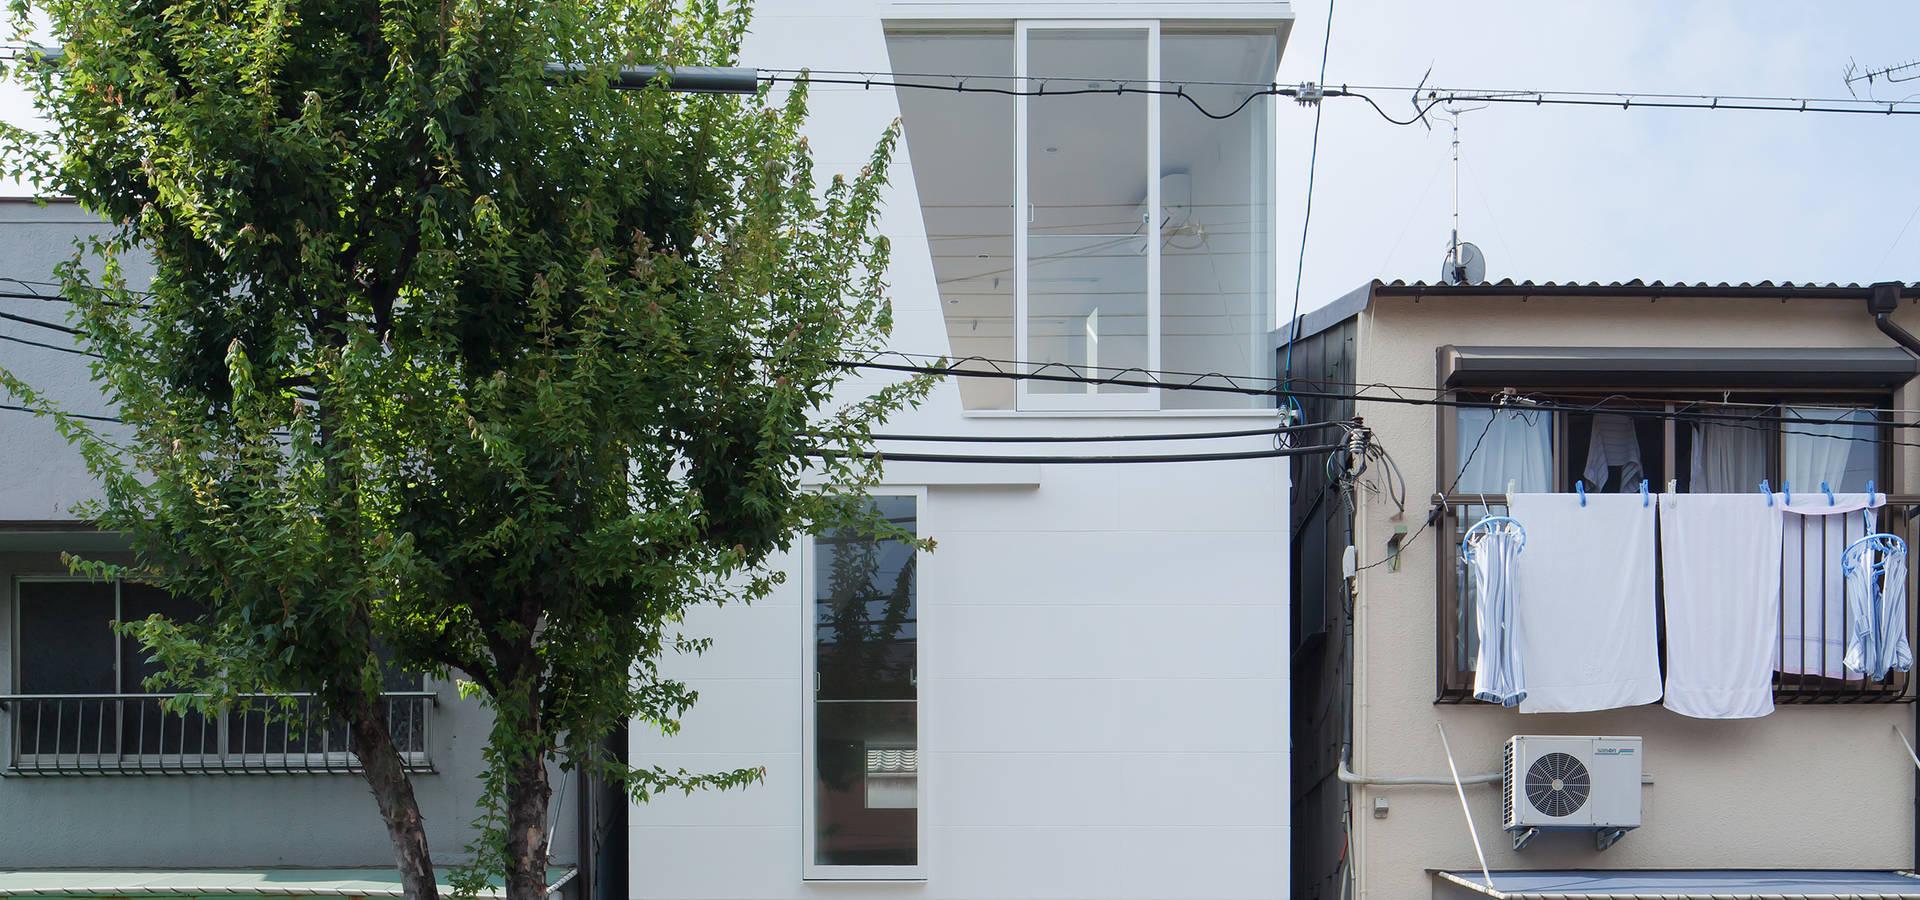 井戸健治建築研究所 / Ido, Kenji Architectural Studio